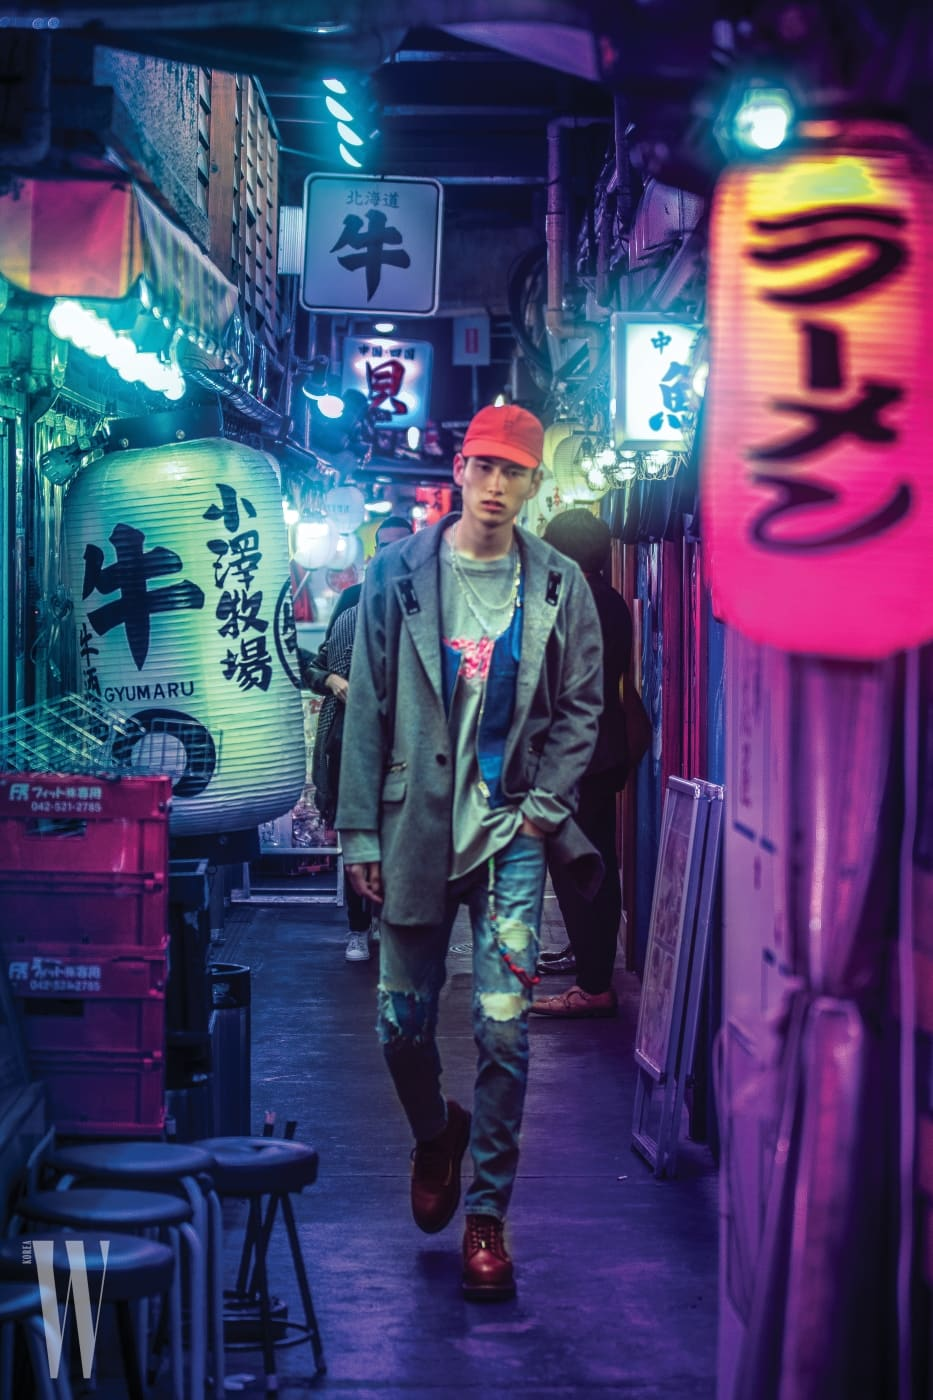 캐나다 포토그래퍼 리암 웡이 촬영한 스튜디오 세븐 시즌 3의 룩북. 도쿄의 시부야, 하라주쿠 등지에서 촬영됐다.